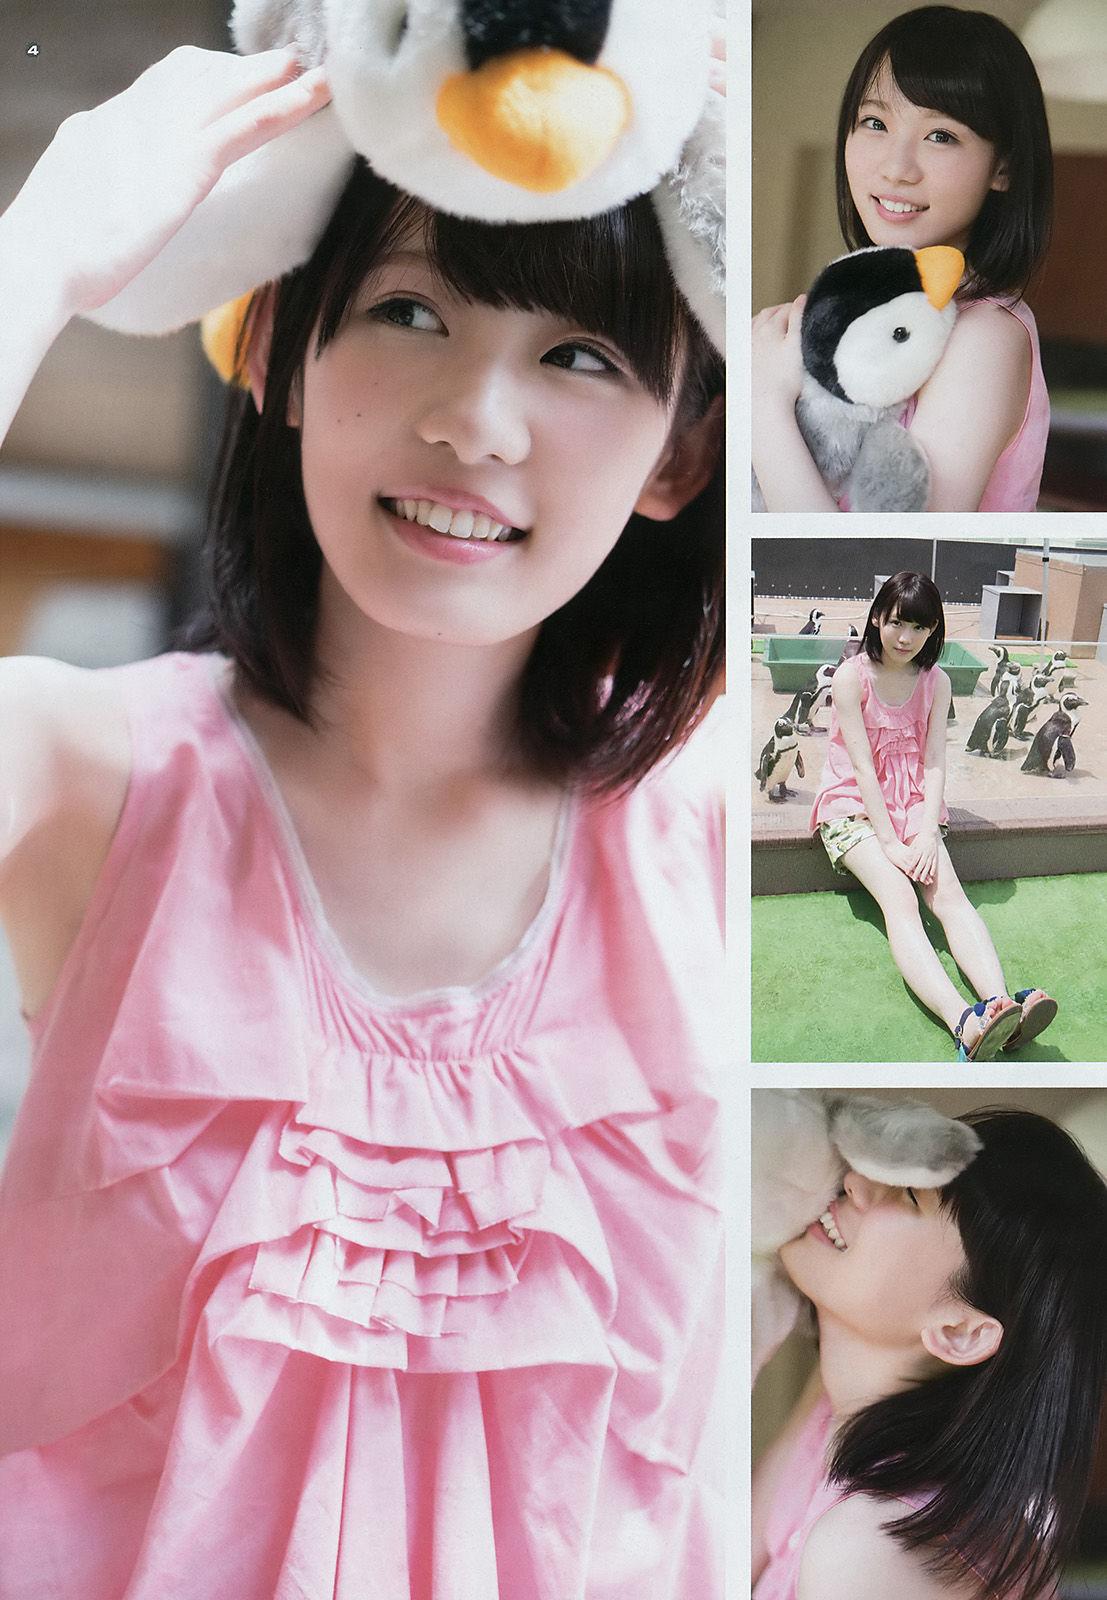 VOL.305 [Young Gangan]正妹清纯少女:小池美波超高清写真套图(17P)